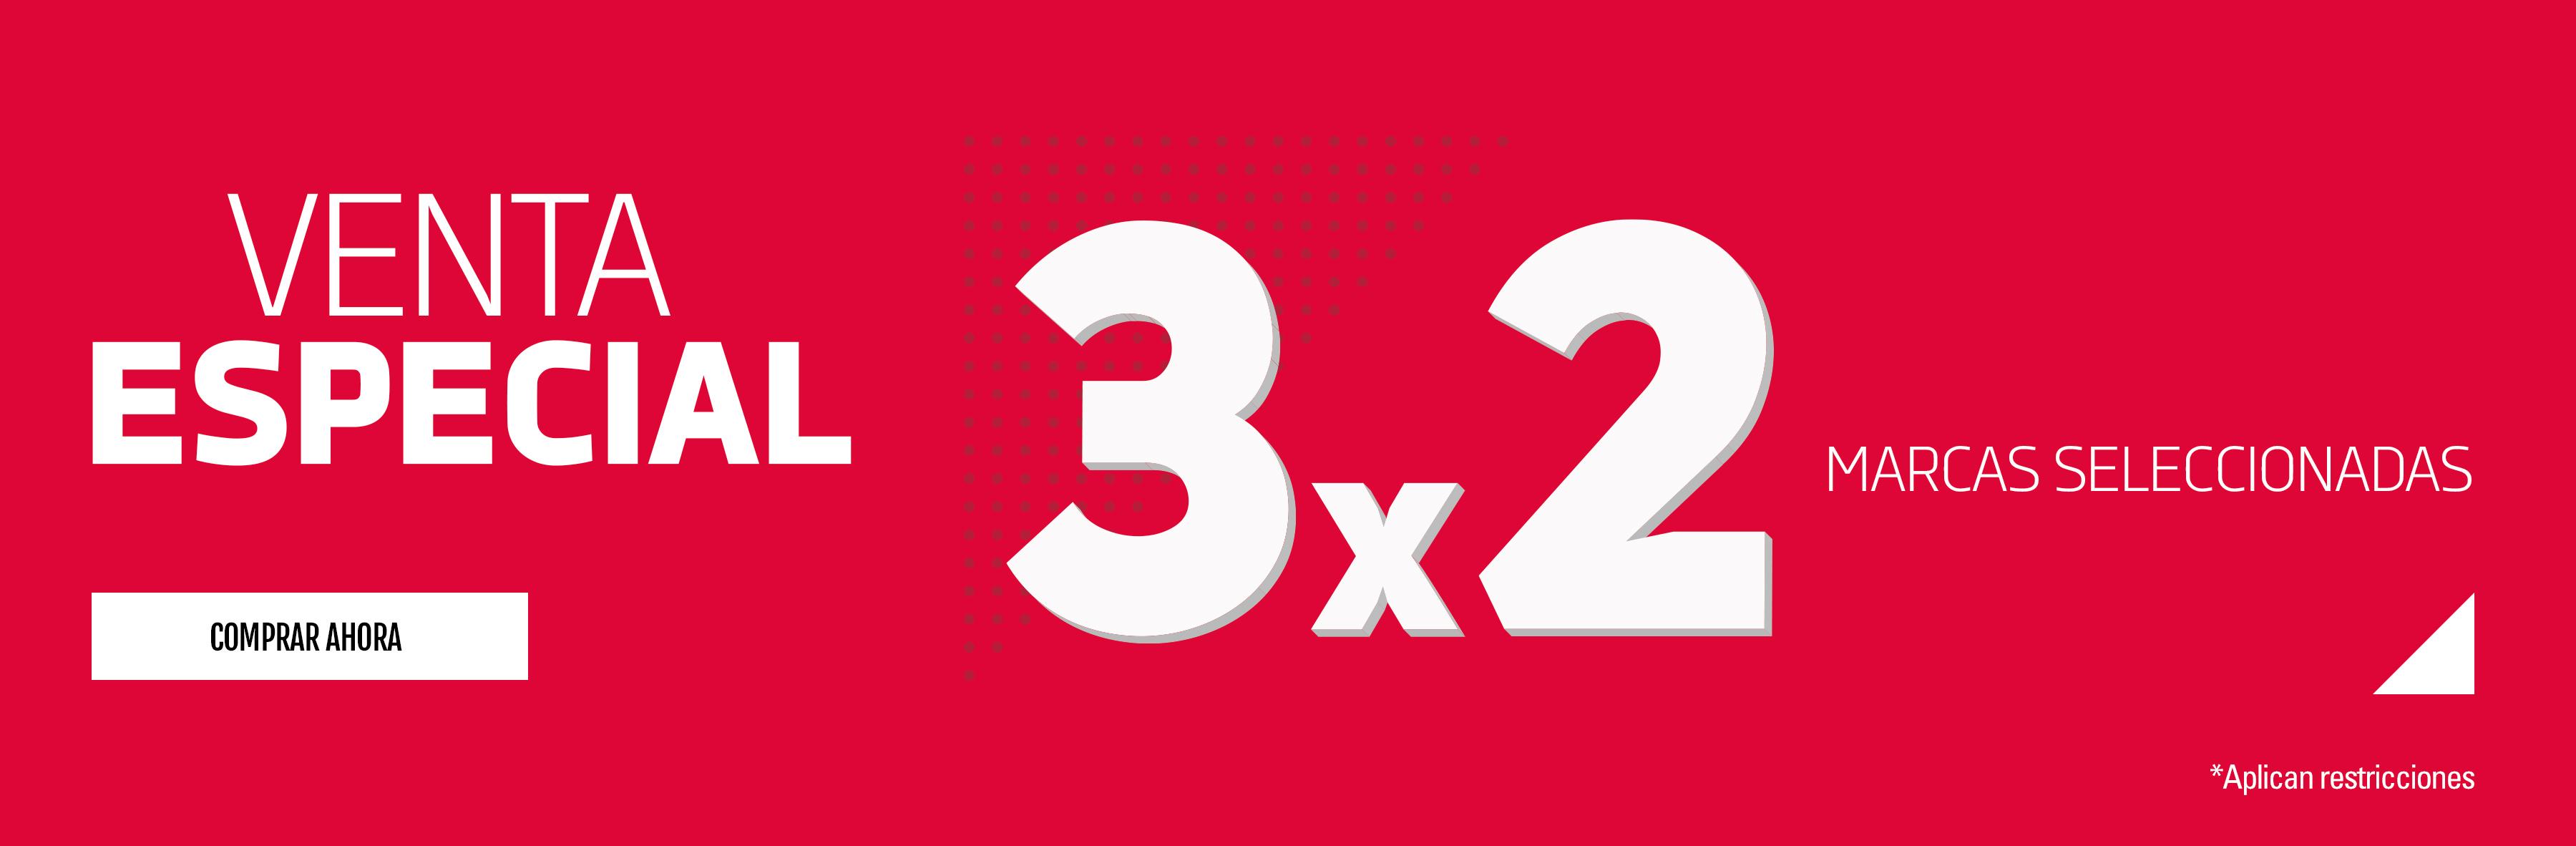 3x2 en lacoste, dc, onbord, kswiss